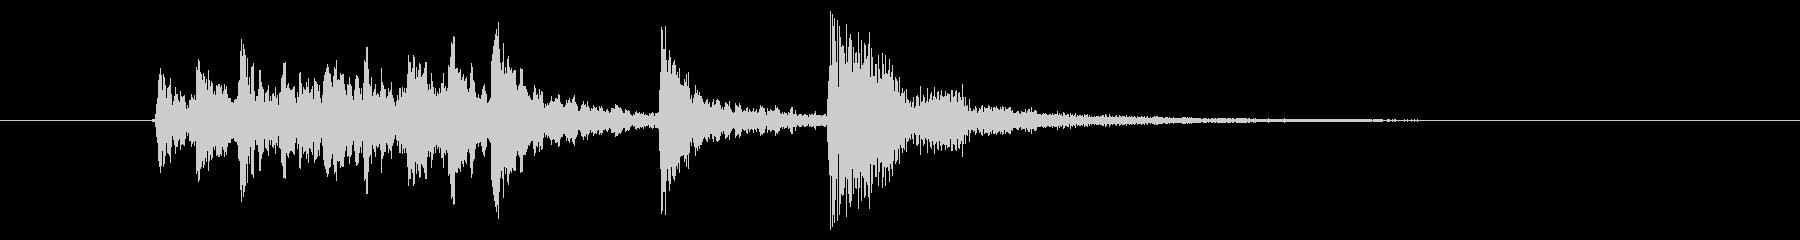 爽やかな木琴サウンド(ジングル、転換)の未再生の波形